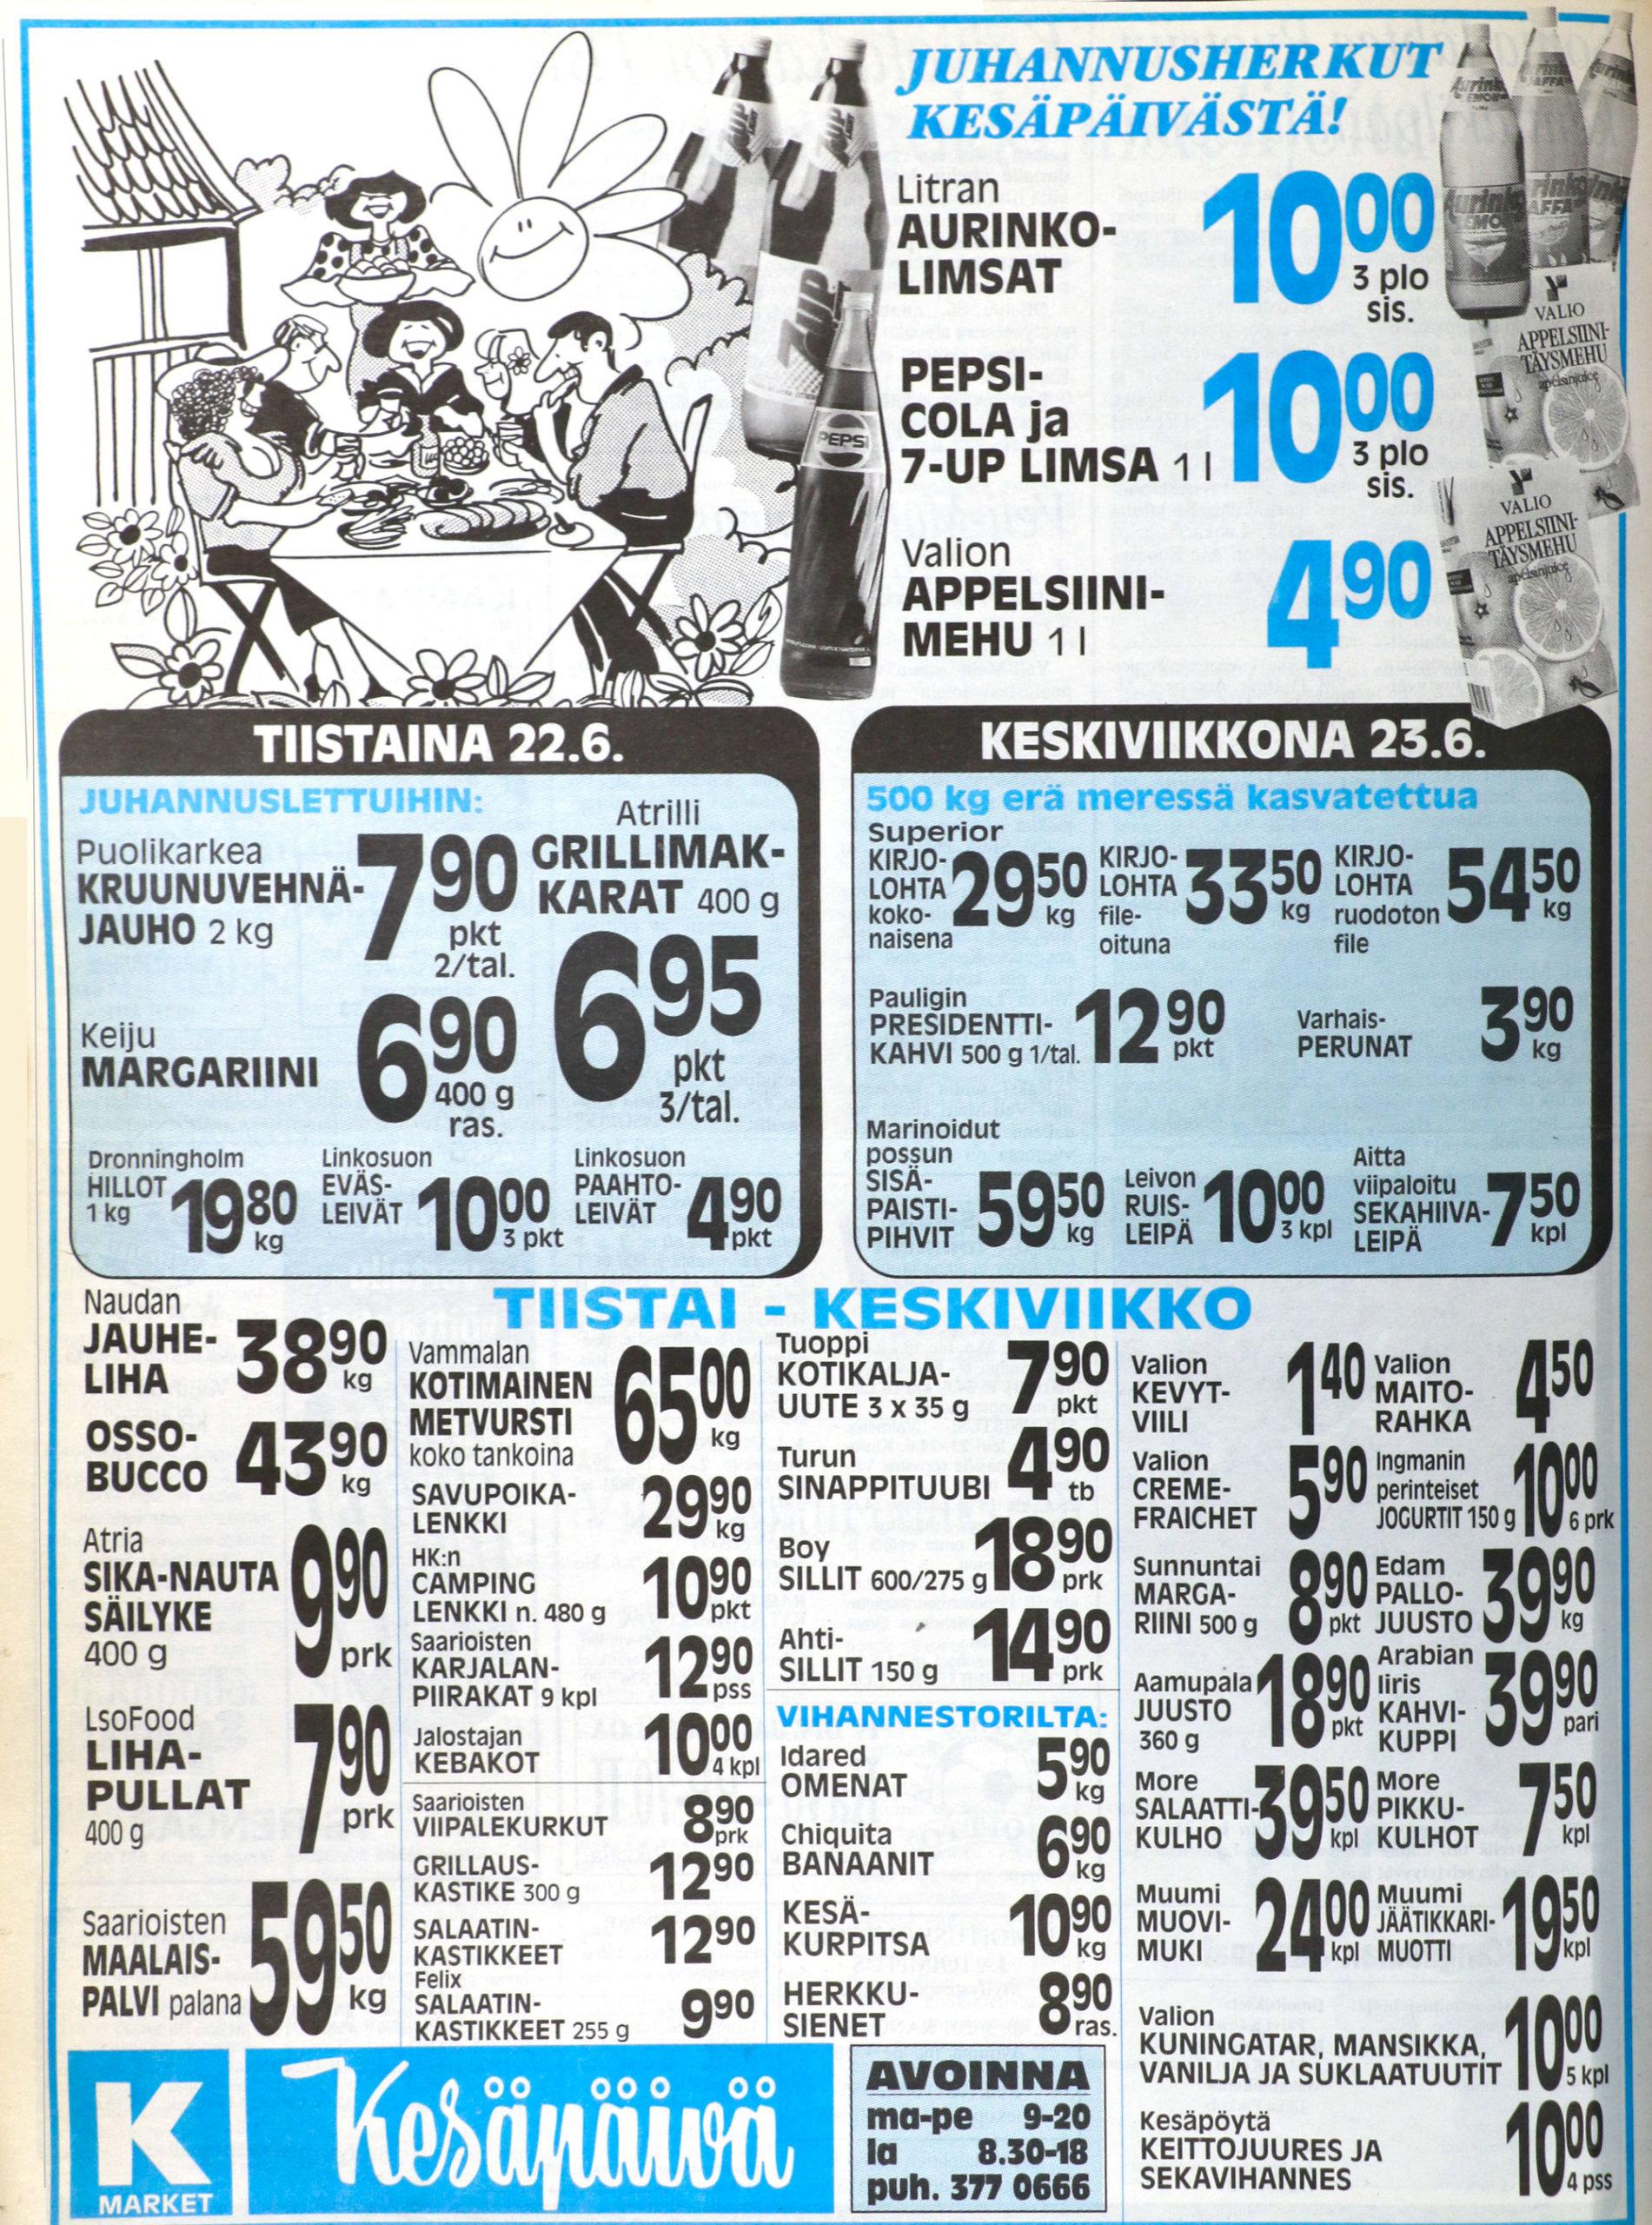 Mitäs tänä juhannuksena syötäisiin? Kesäpäivä mainosti omia juhannuseväsideoitaan lähes 30 vuotta sitten Kangasalan Sanomissa.